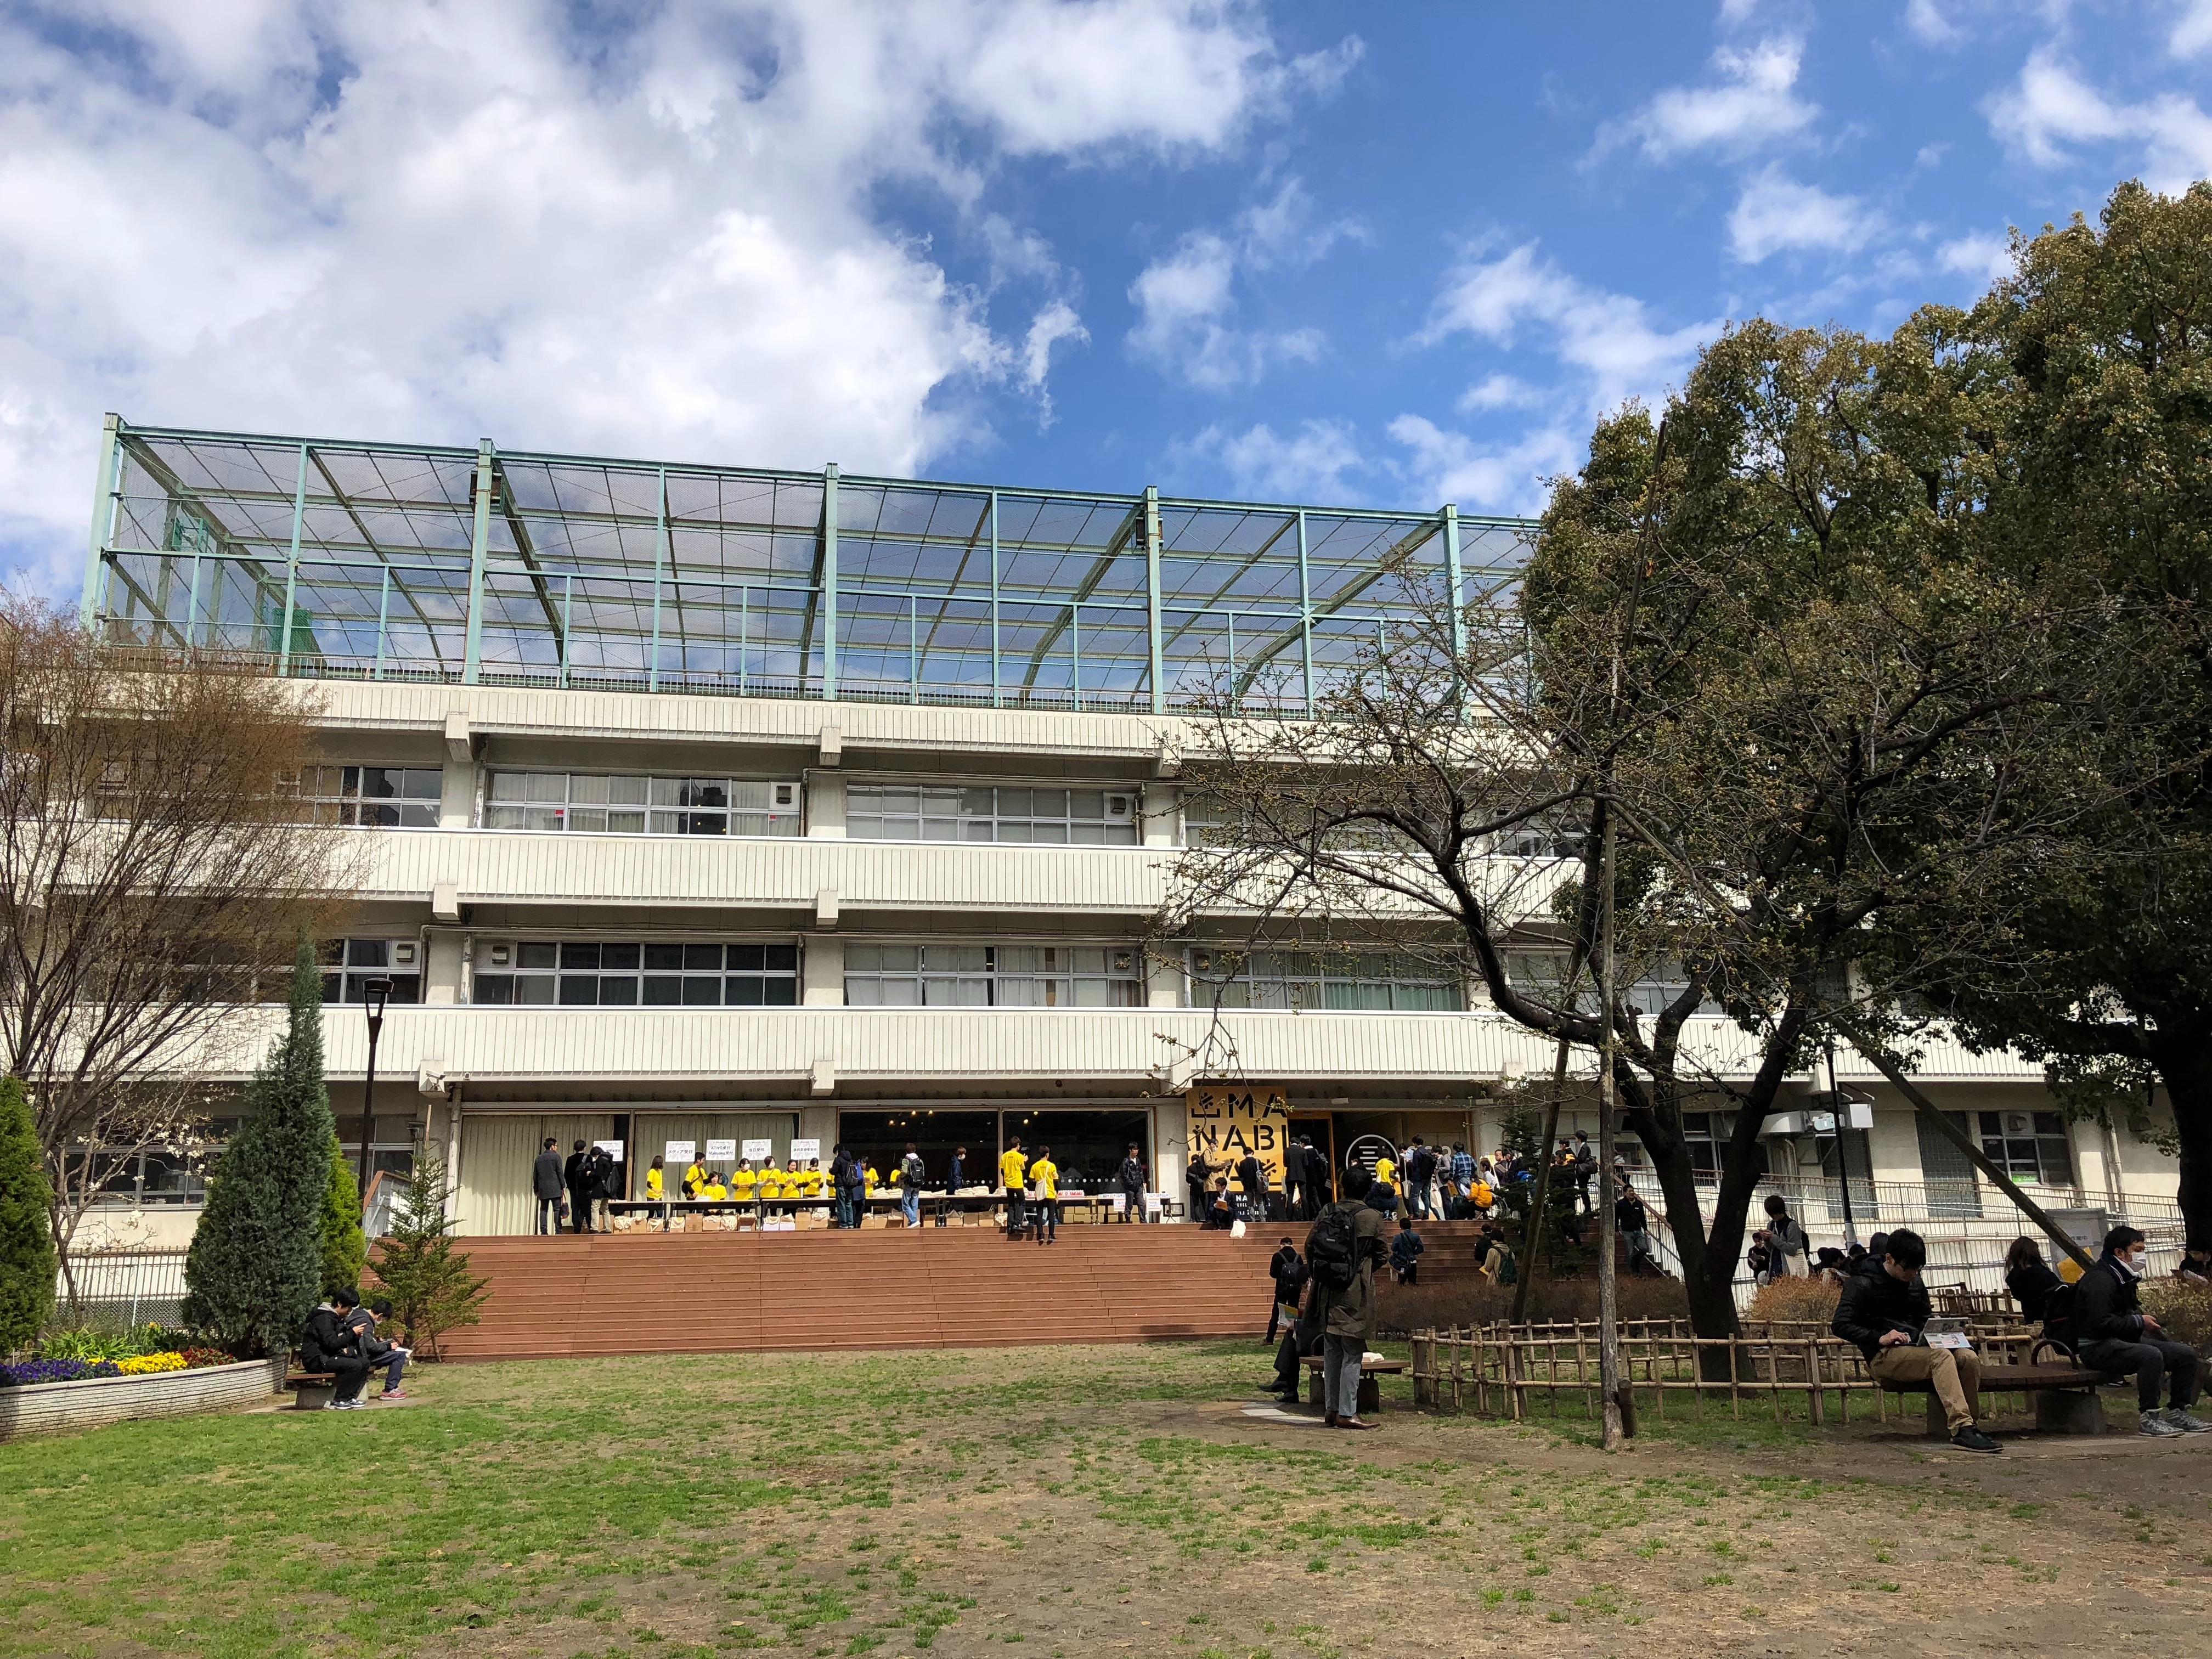 f:id:munieru_jp:20180324175126j:image